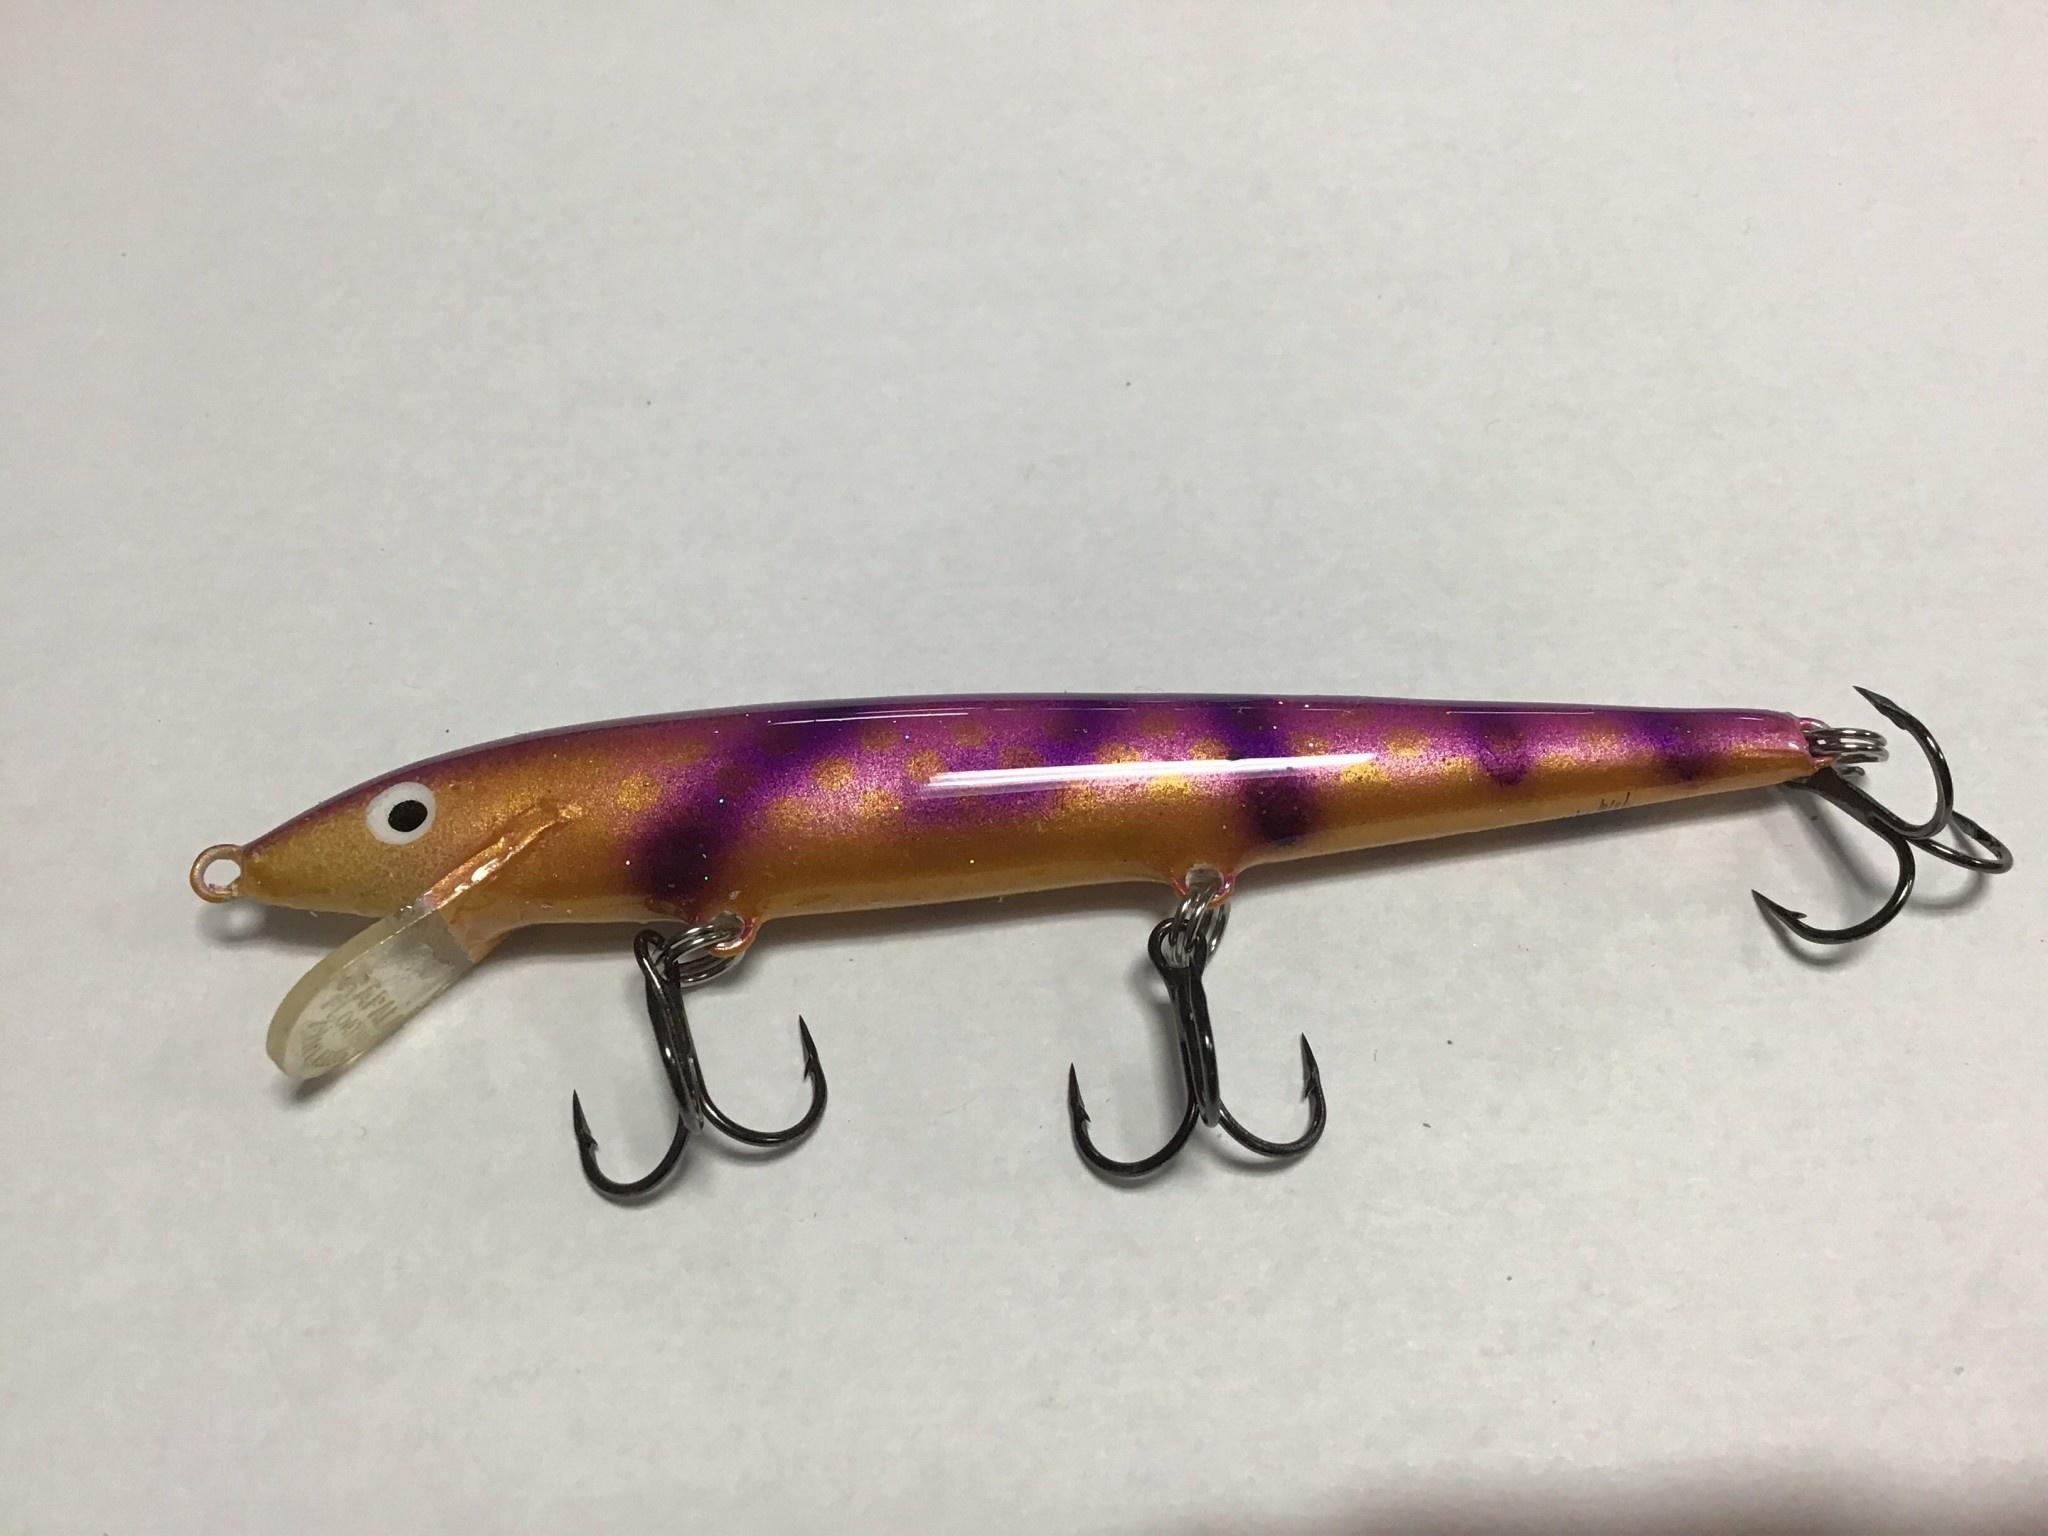 D&B Fishing DBCustom Rapala F-11 Copper/Purple Tiger